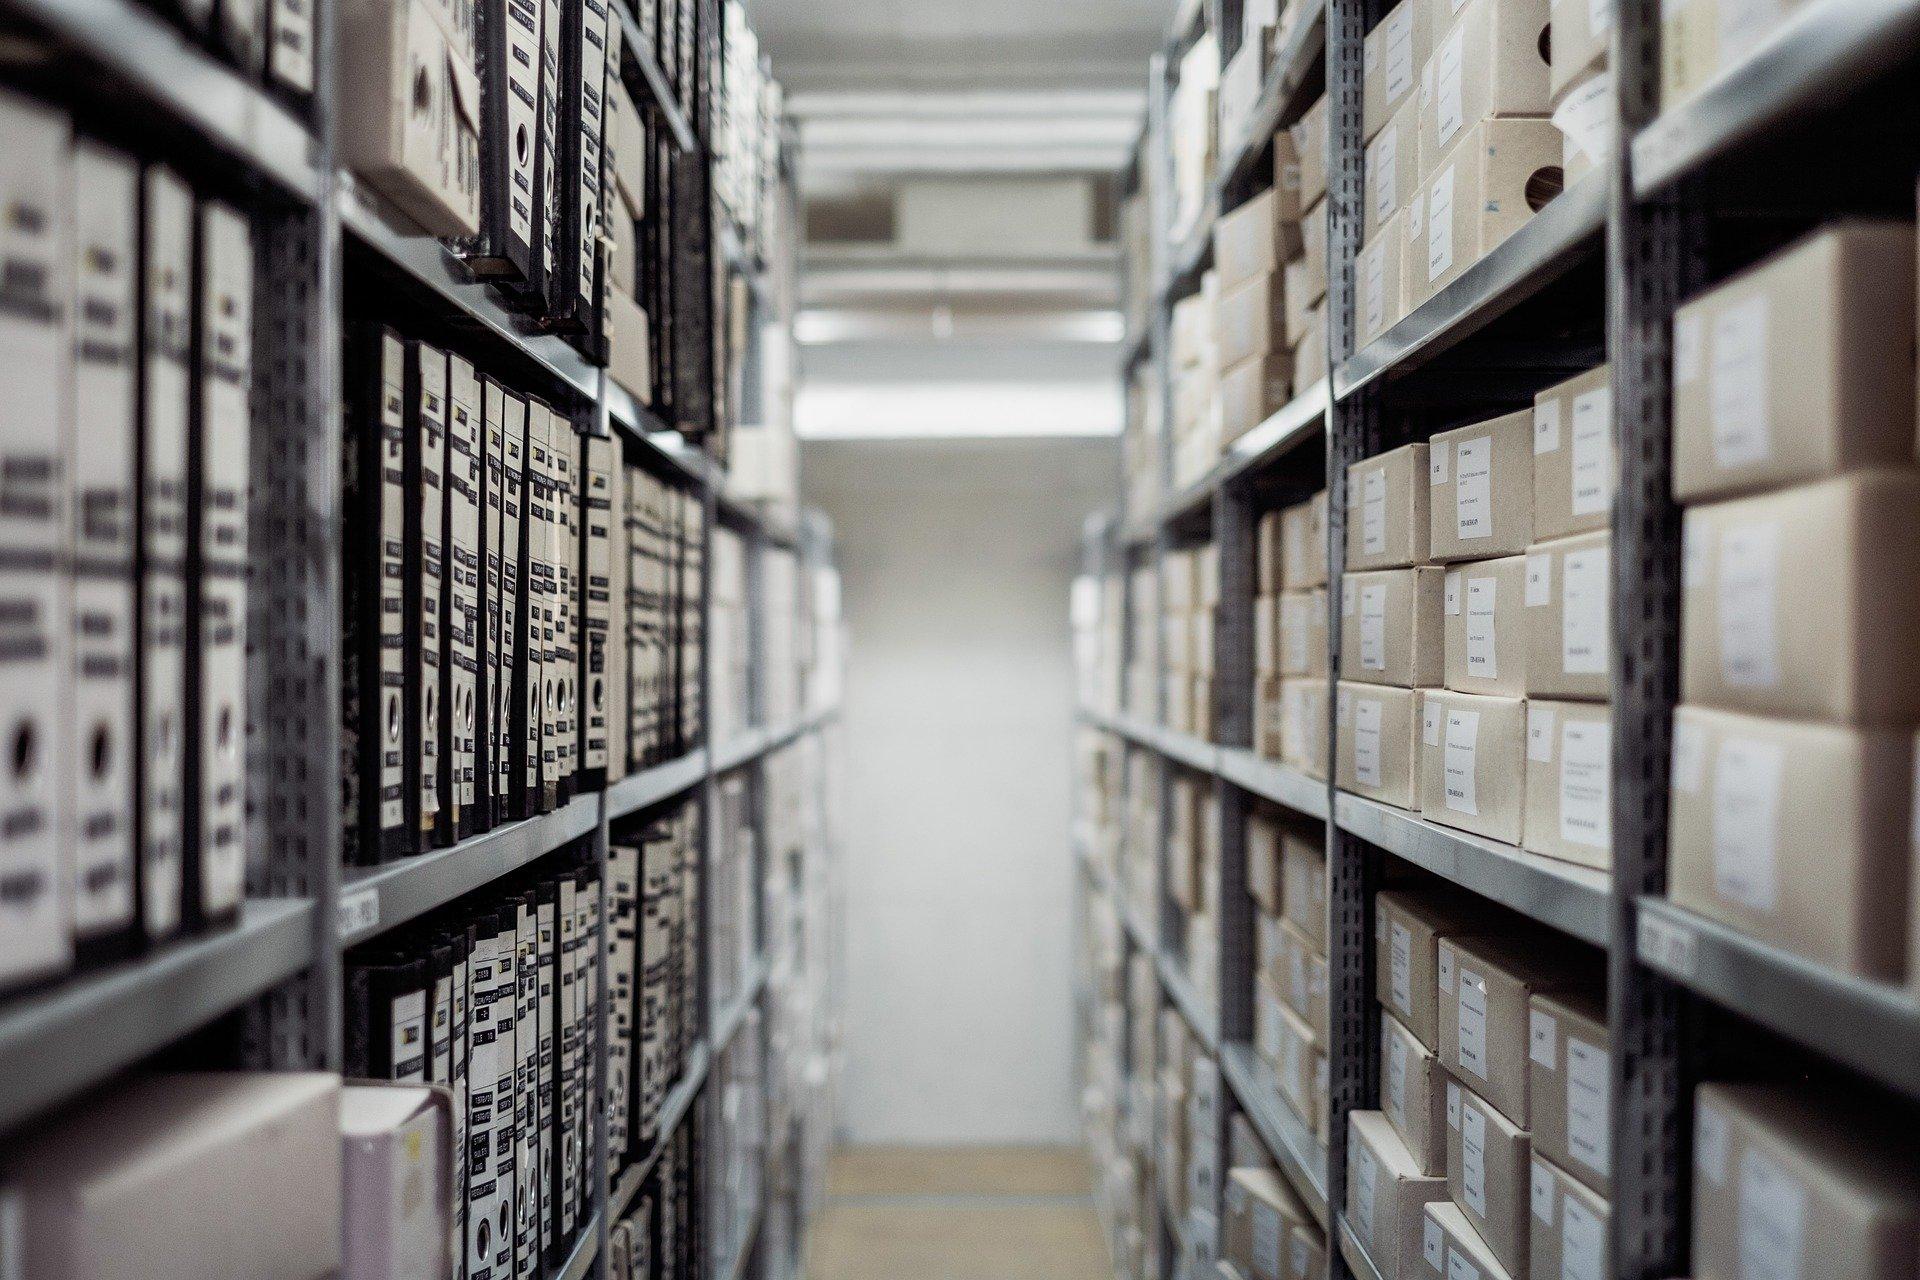 В Кадастровой палате рассказали, как получить документы из архива